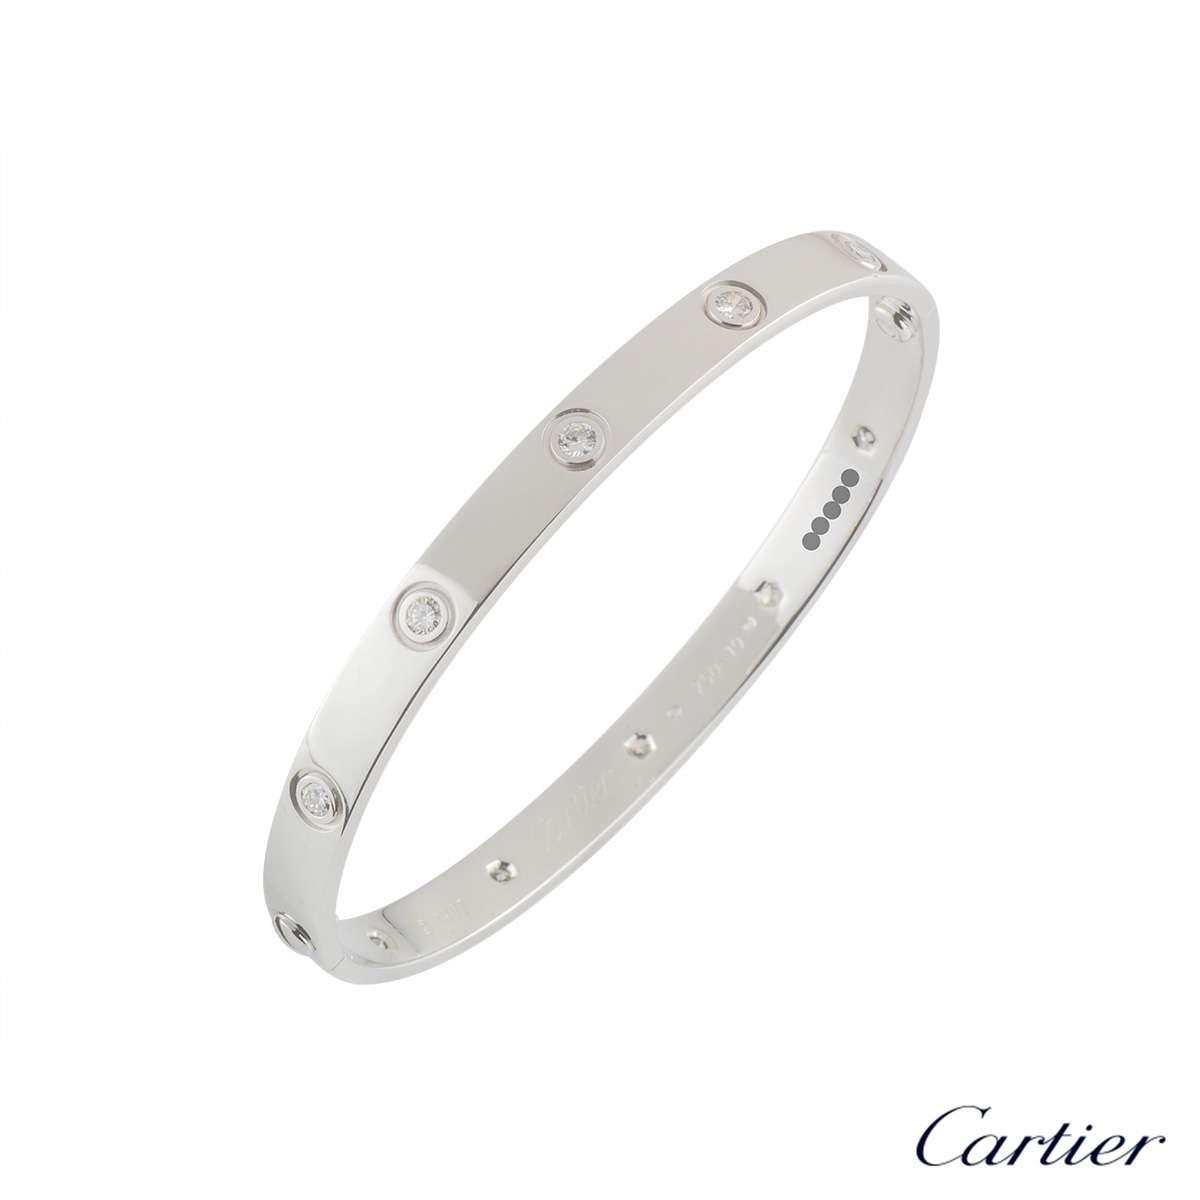 Cartier White Gold Full Diamond Love Bracelet Size 18B6040718